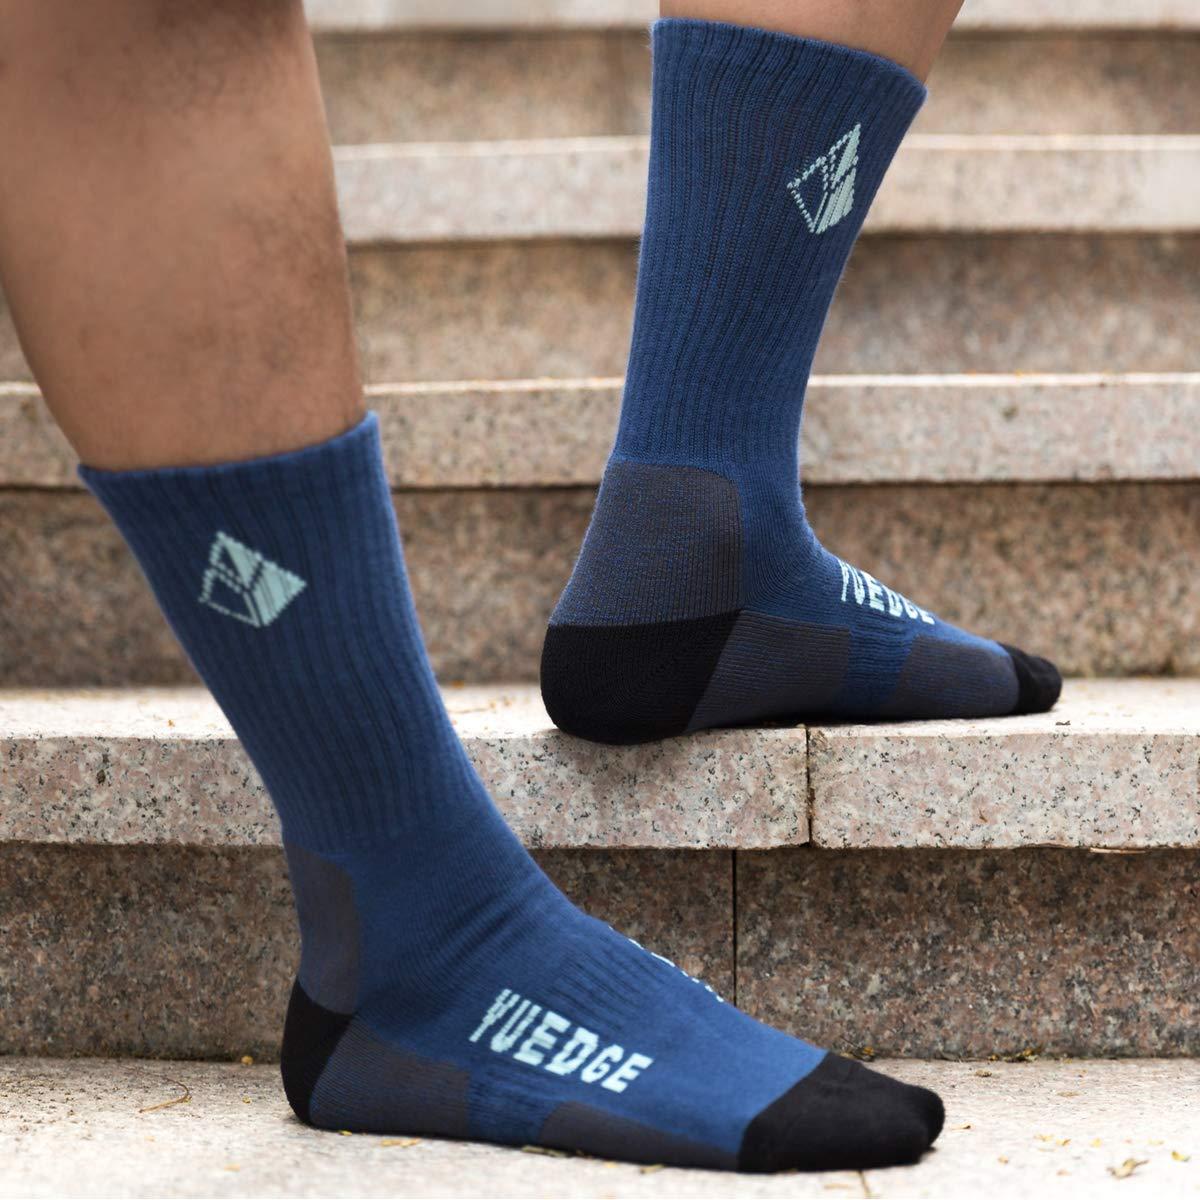 XL YUEDGE 3 Pares Algod/ón Calcetines Cushion Crew Entrenamiento Senderismo Caminar Atl/éticos Deportes Calcetines para Hombres